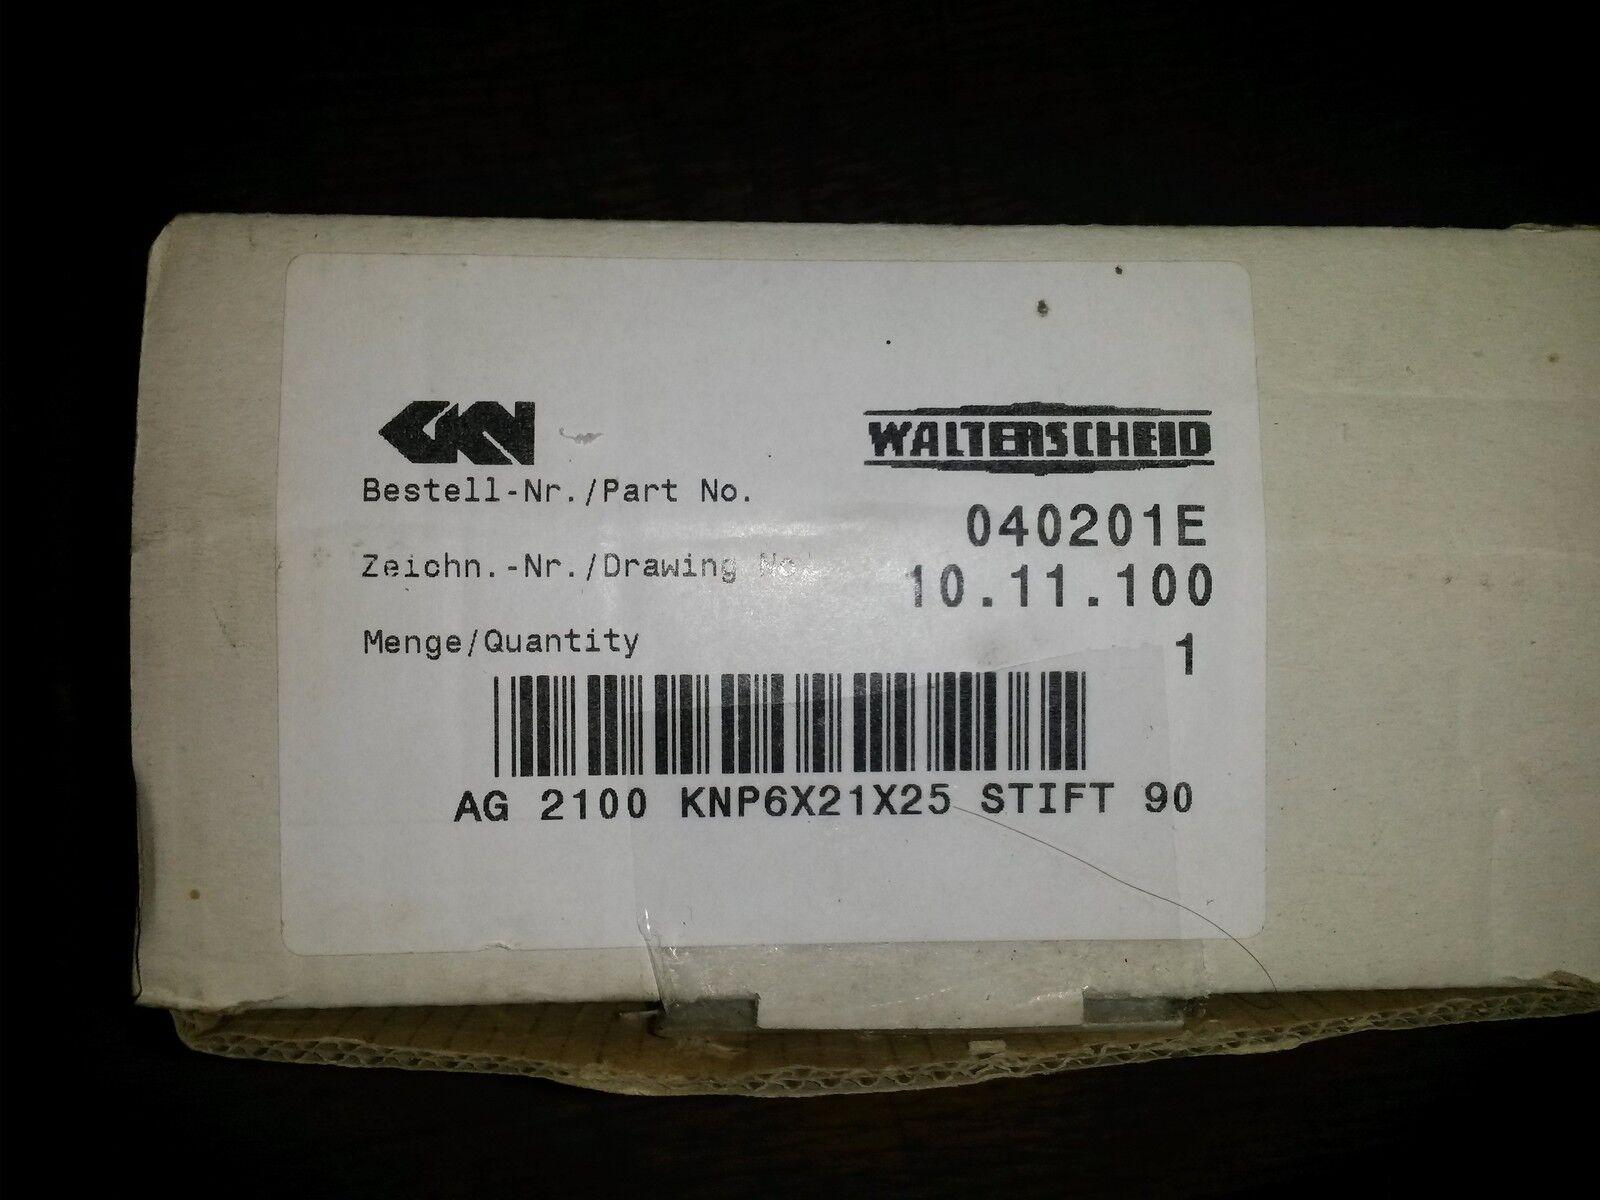 Walterscheid Aufsteckgabel 10.11100 6x21x25 W2100  6 Zahn 1040201